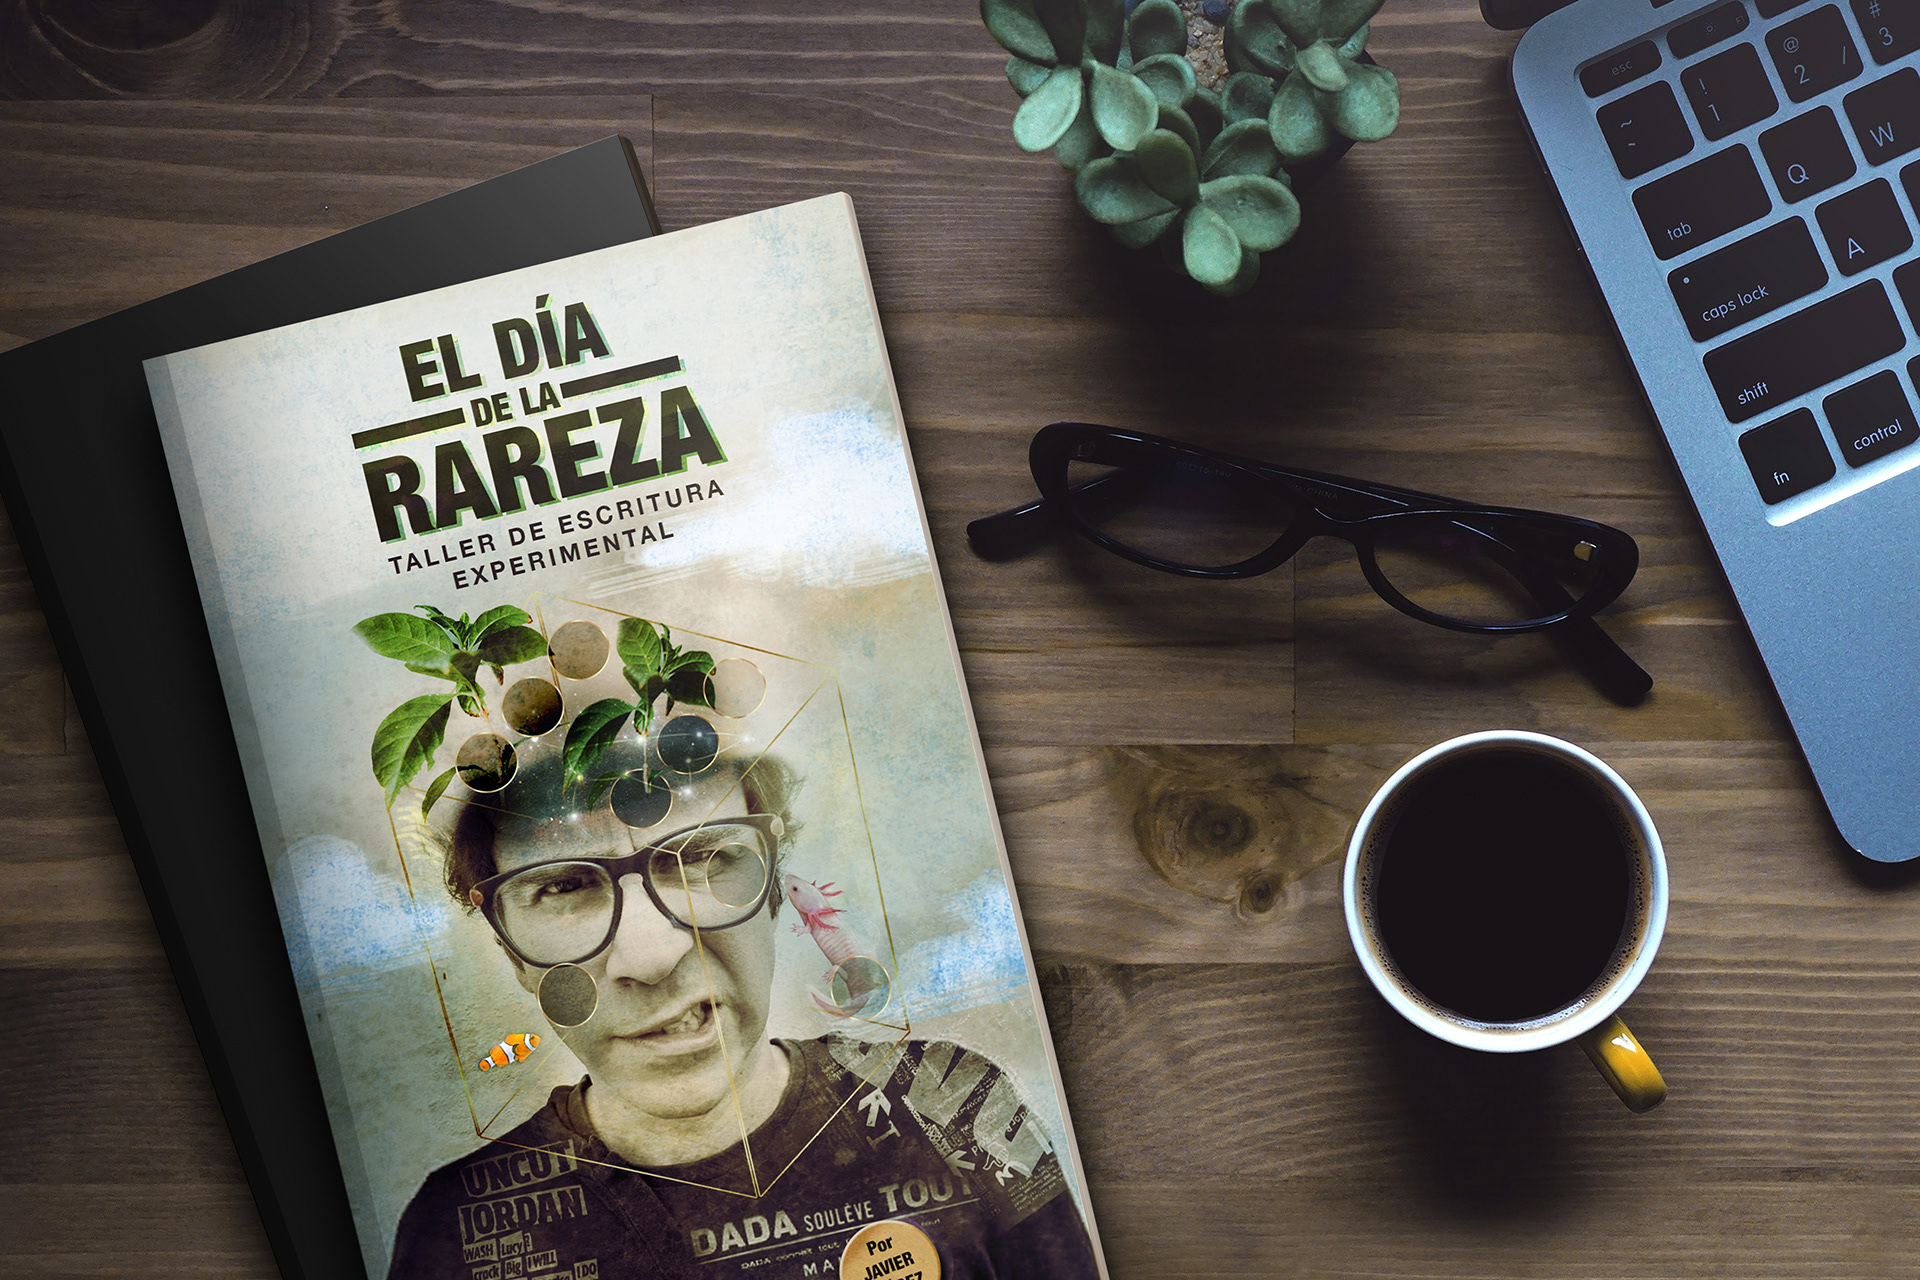 dia_de_la_rareza_libro_escritura